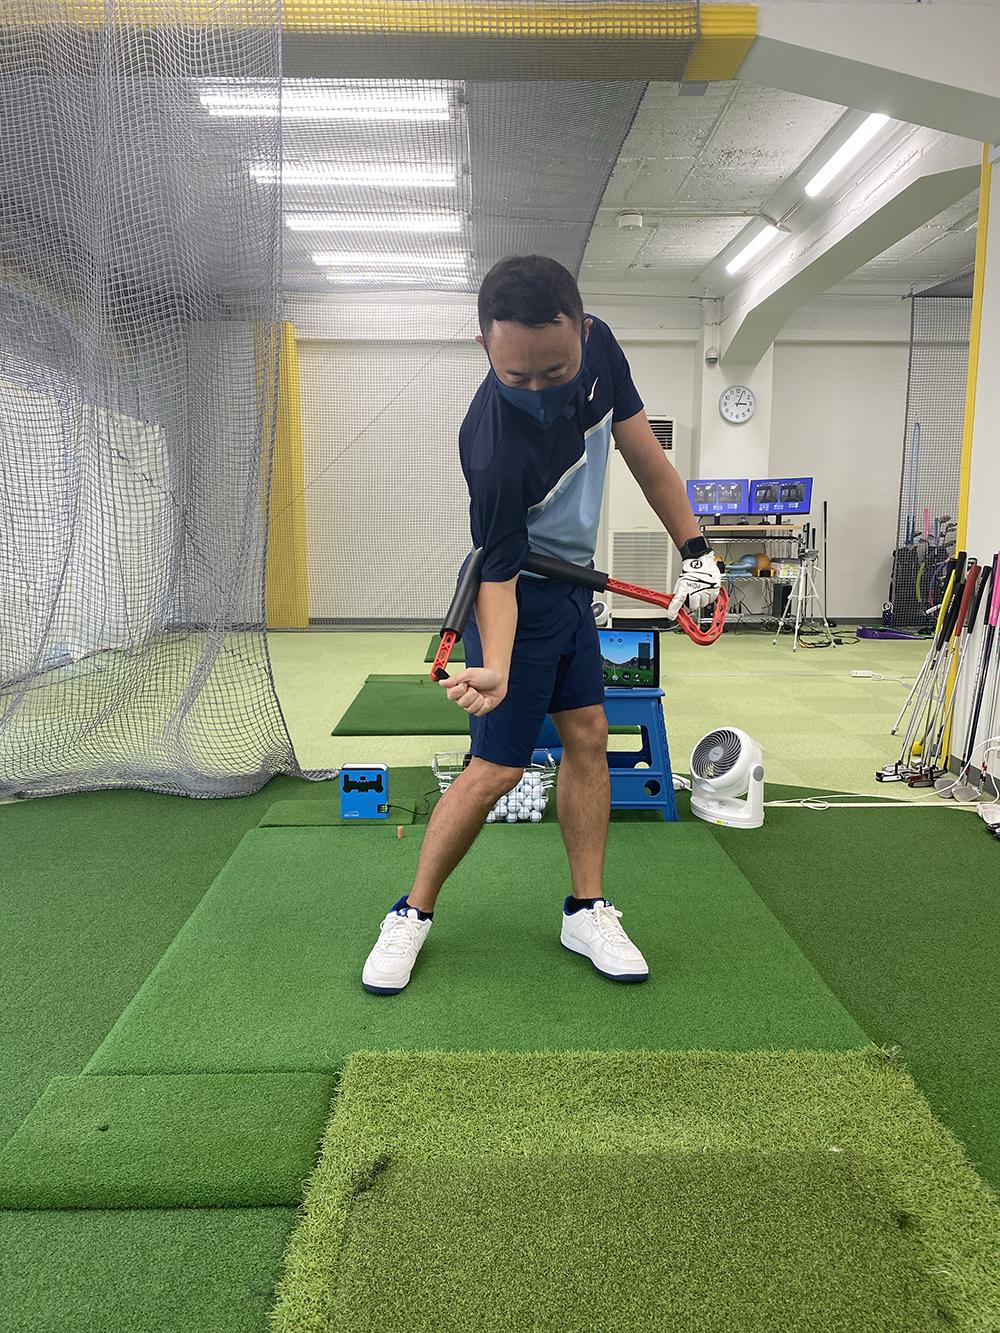 【池袋駅徒歩1分】池袋にある初心者に特化したゴルフスクール!池袋ゴルフアカデミーANNEX!│今最新練習器具入手!パート②︎【ローテーター】